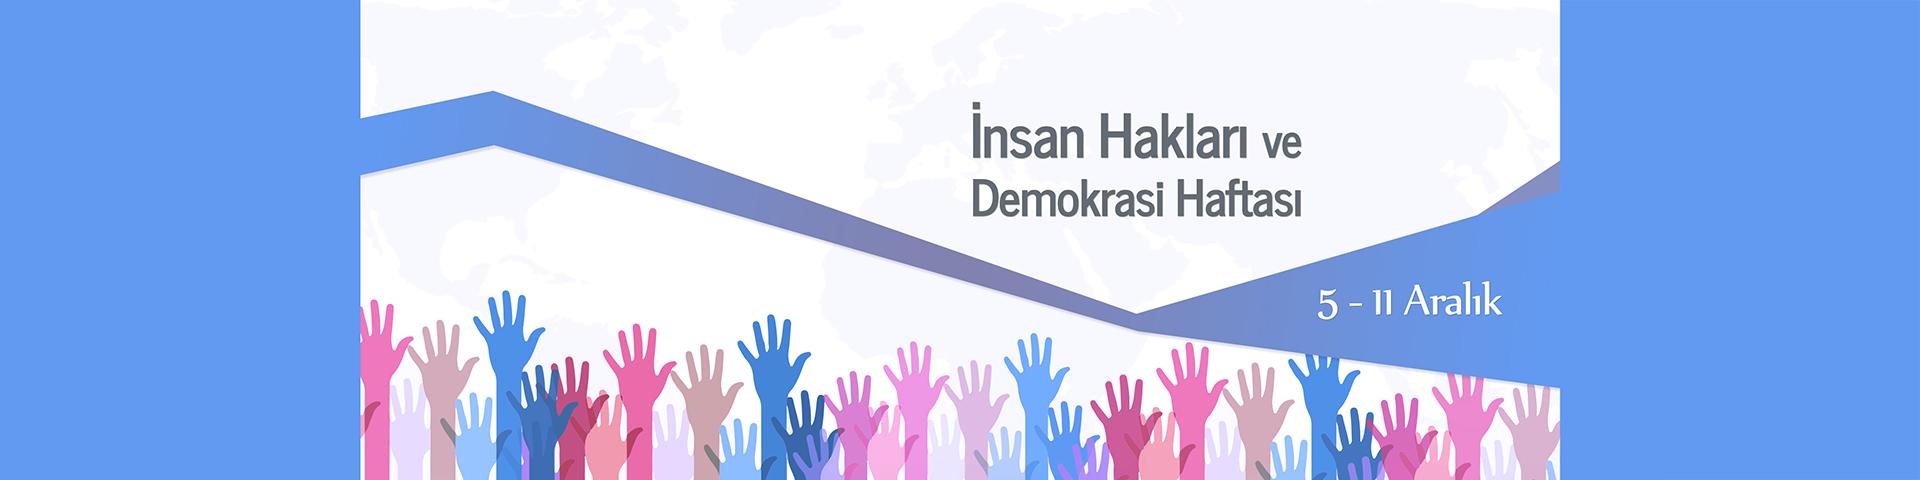 Rektör Bilgiç'in 10 Aralık İnsan Hakları Günü Mesajı